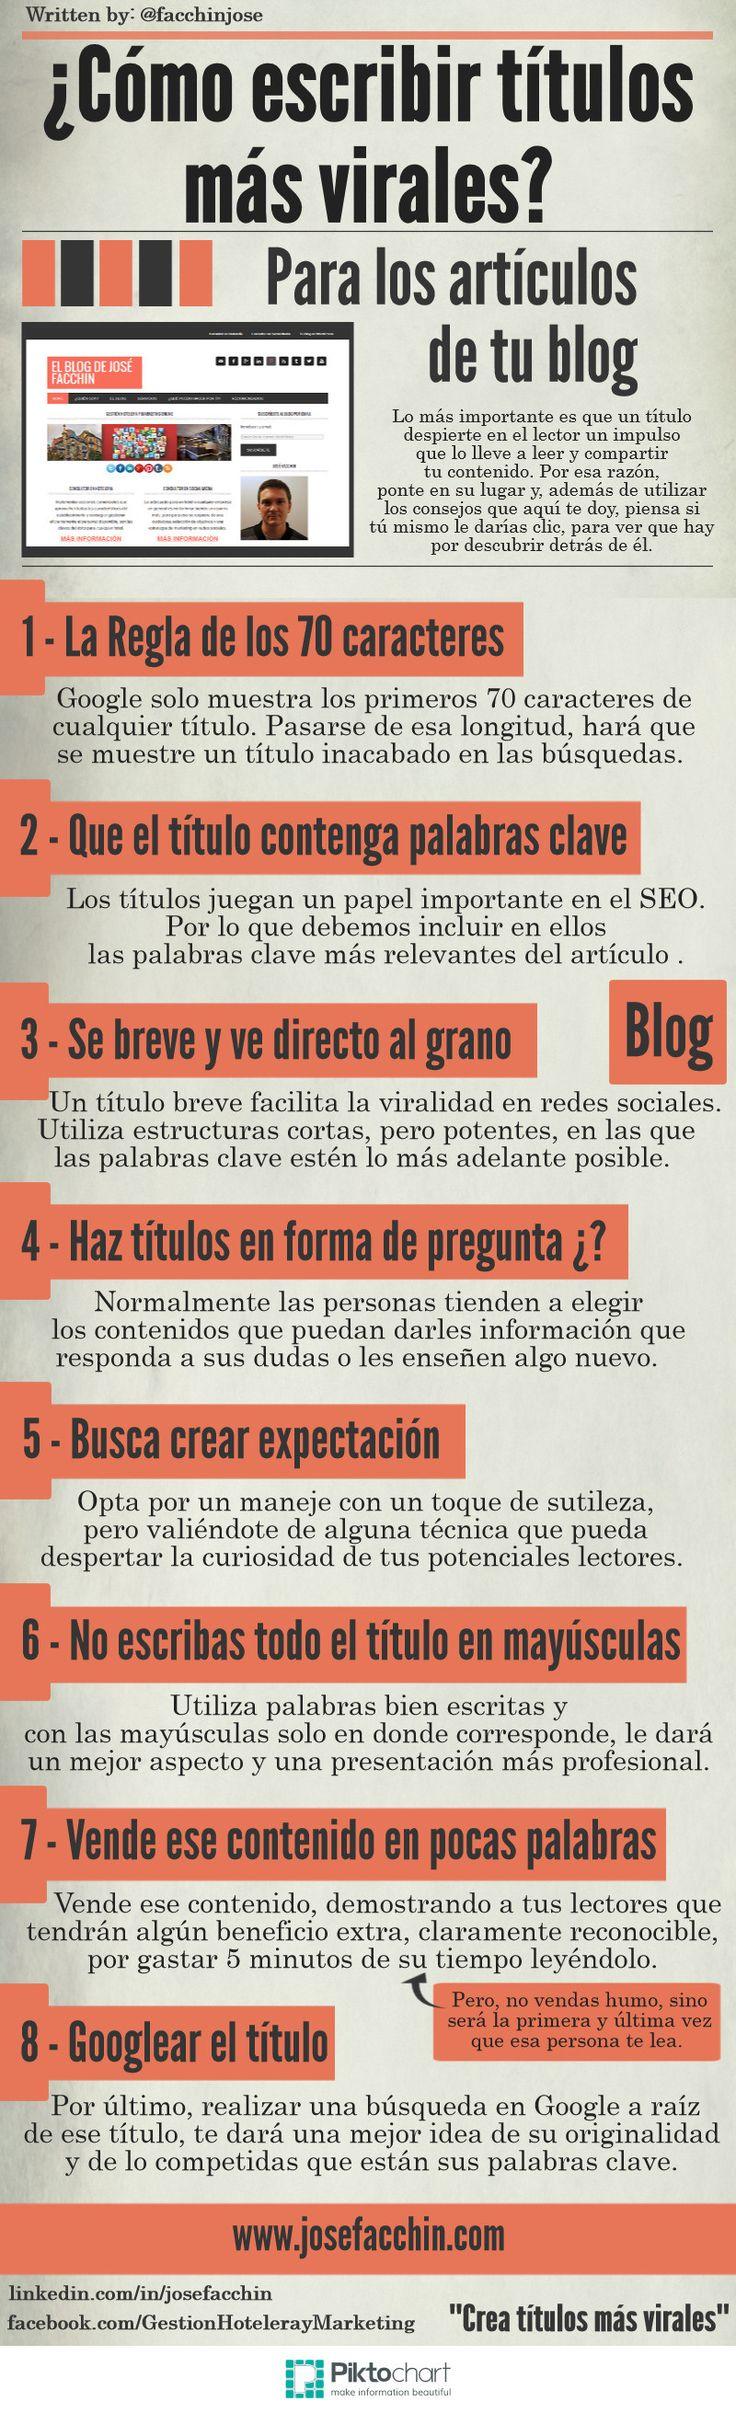 #Infografia #CommunityManager ¿Cómo escribir títulos más virales para los artículos de tu blog? #TAVnews